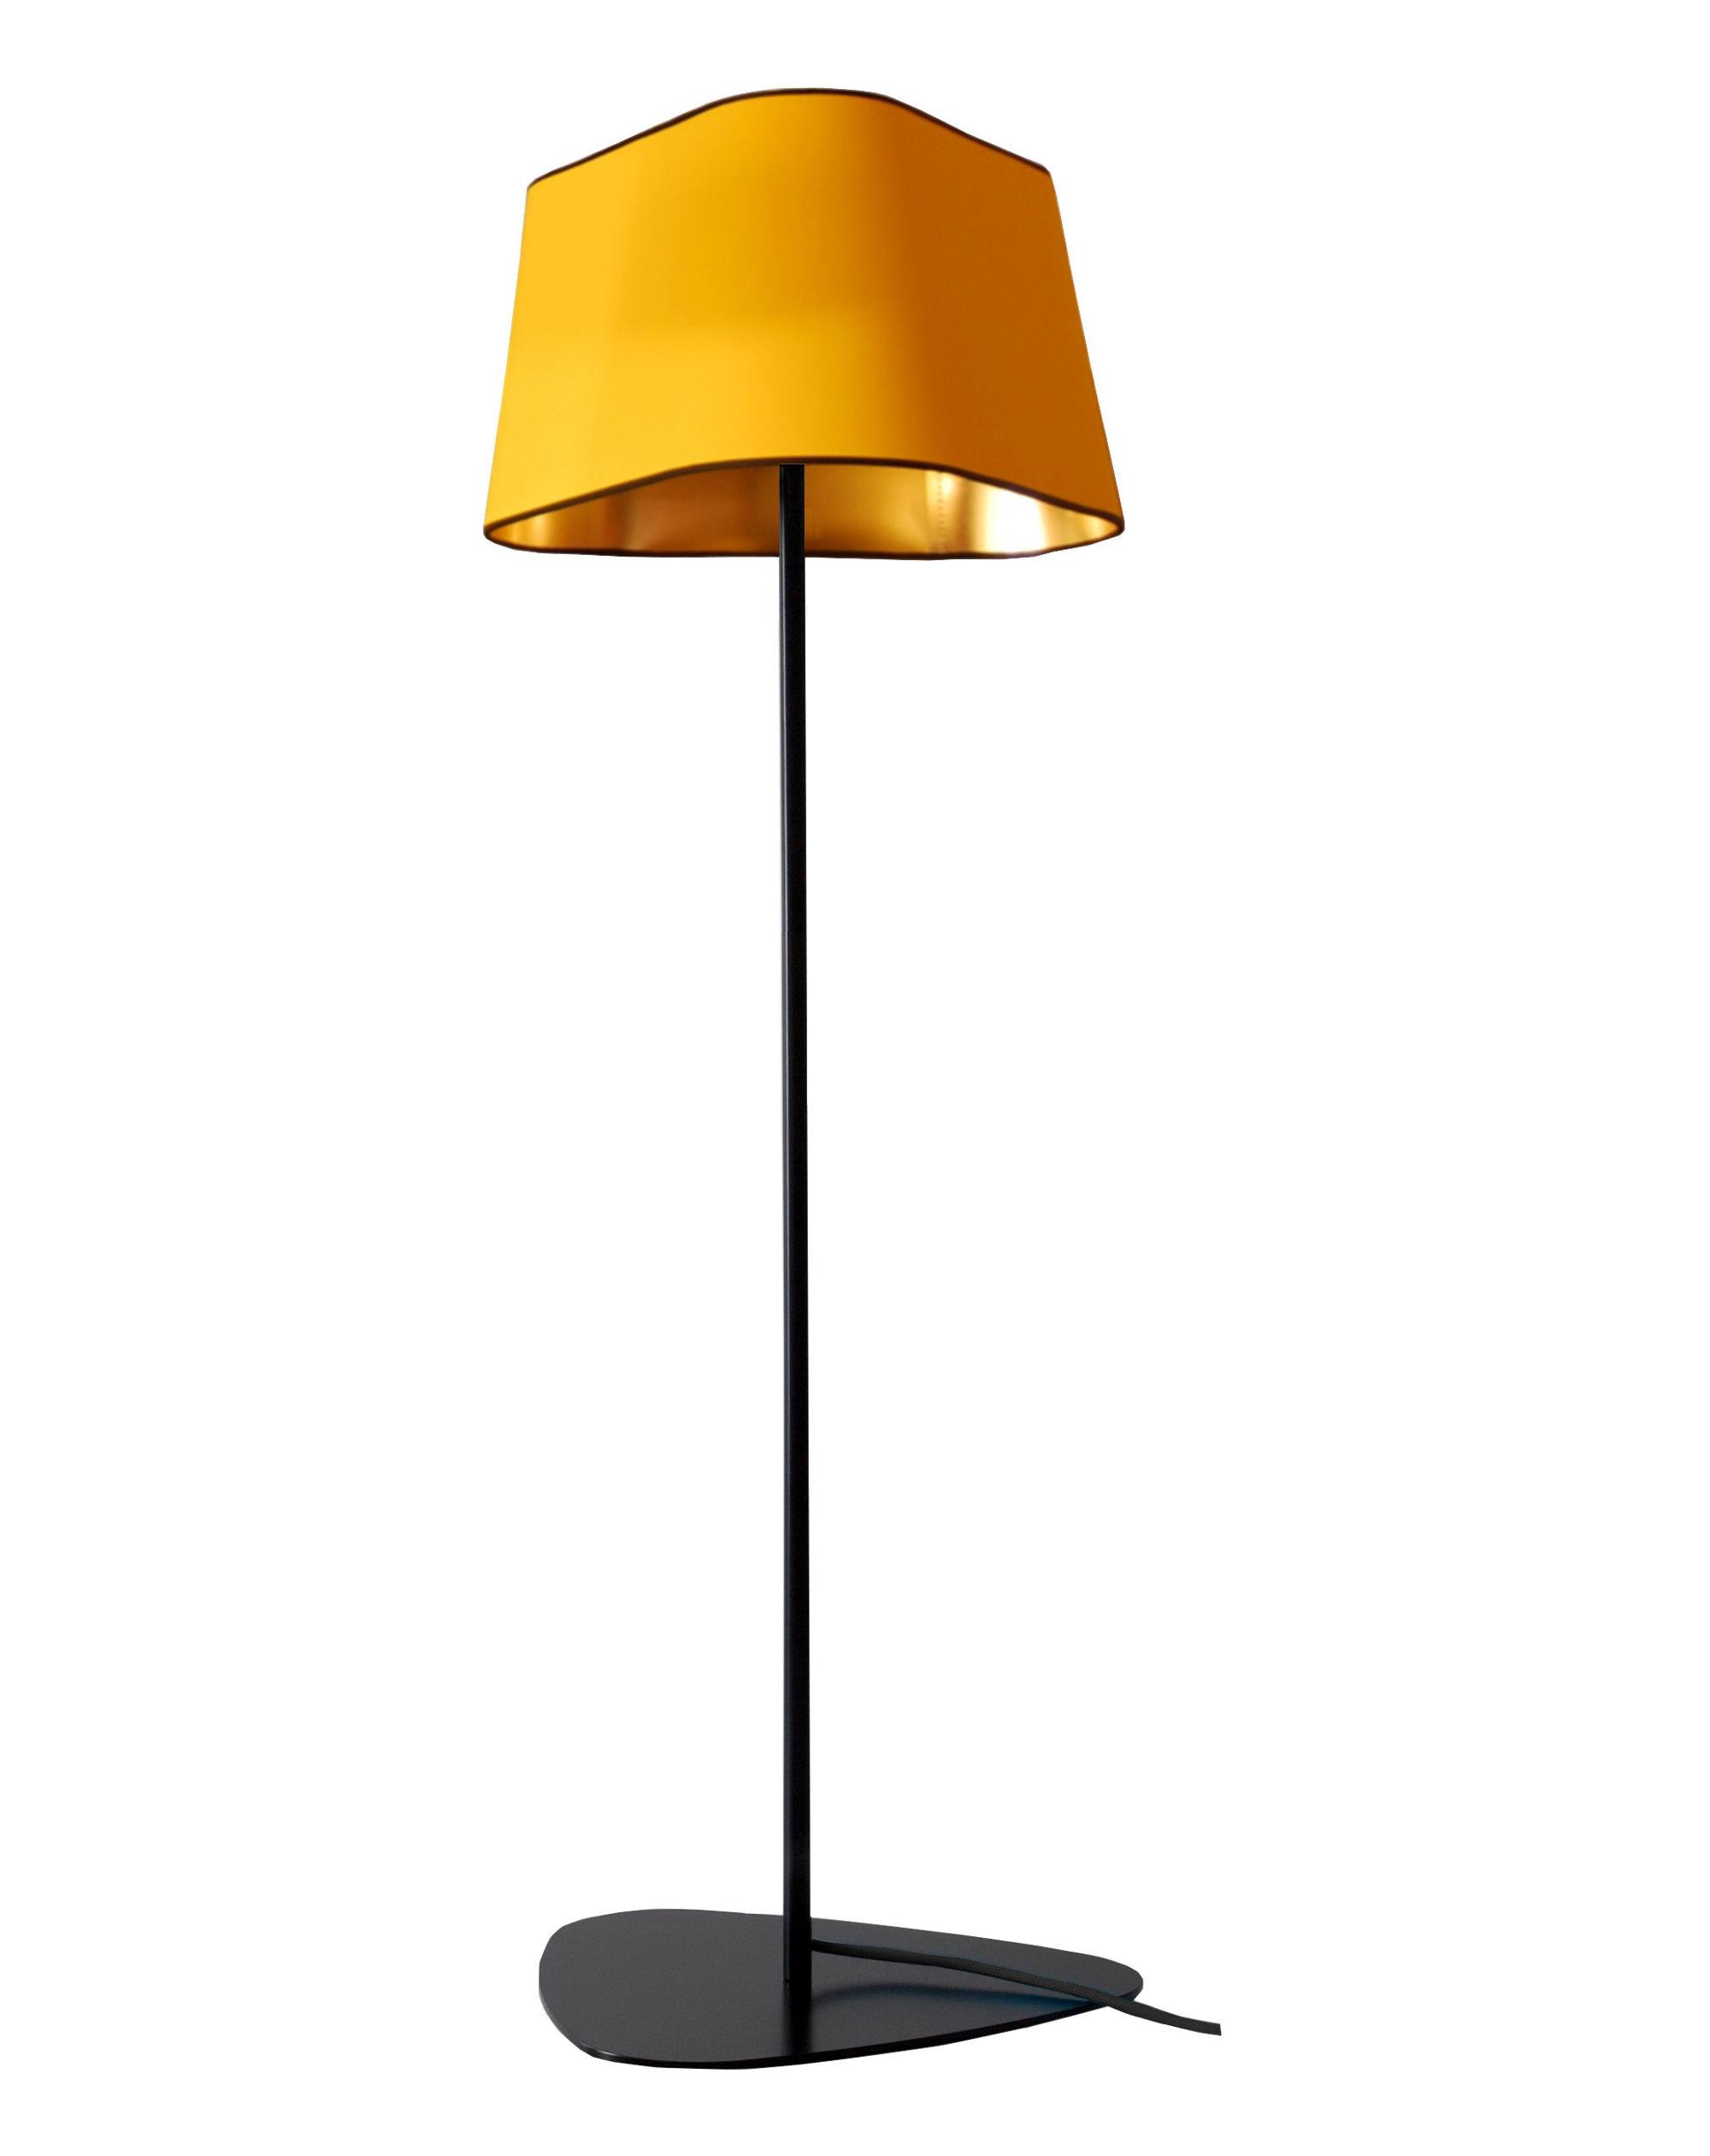 Leuchten - Stehleuchten - Grand Nuage Stehleuchte H 122 cm - Designheure - Gelber Stoff / Innenseite goldfarben lackiertes PVC - Gewebe, lackierter Stahl, Polykarbonat